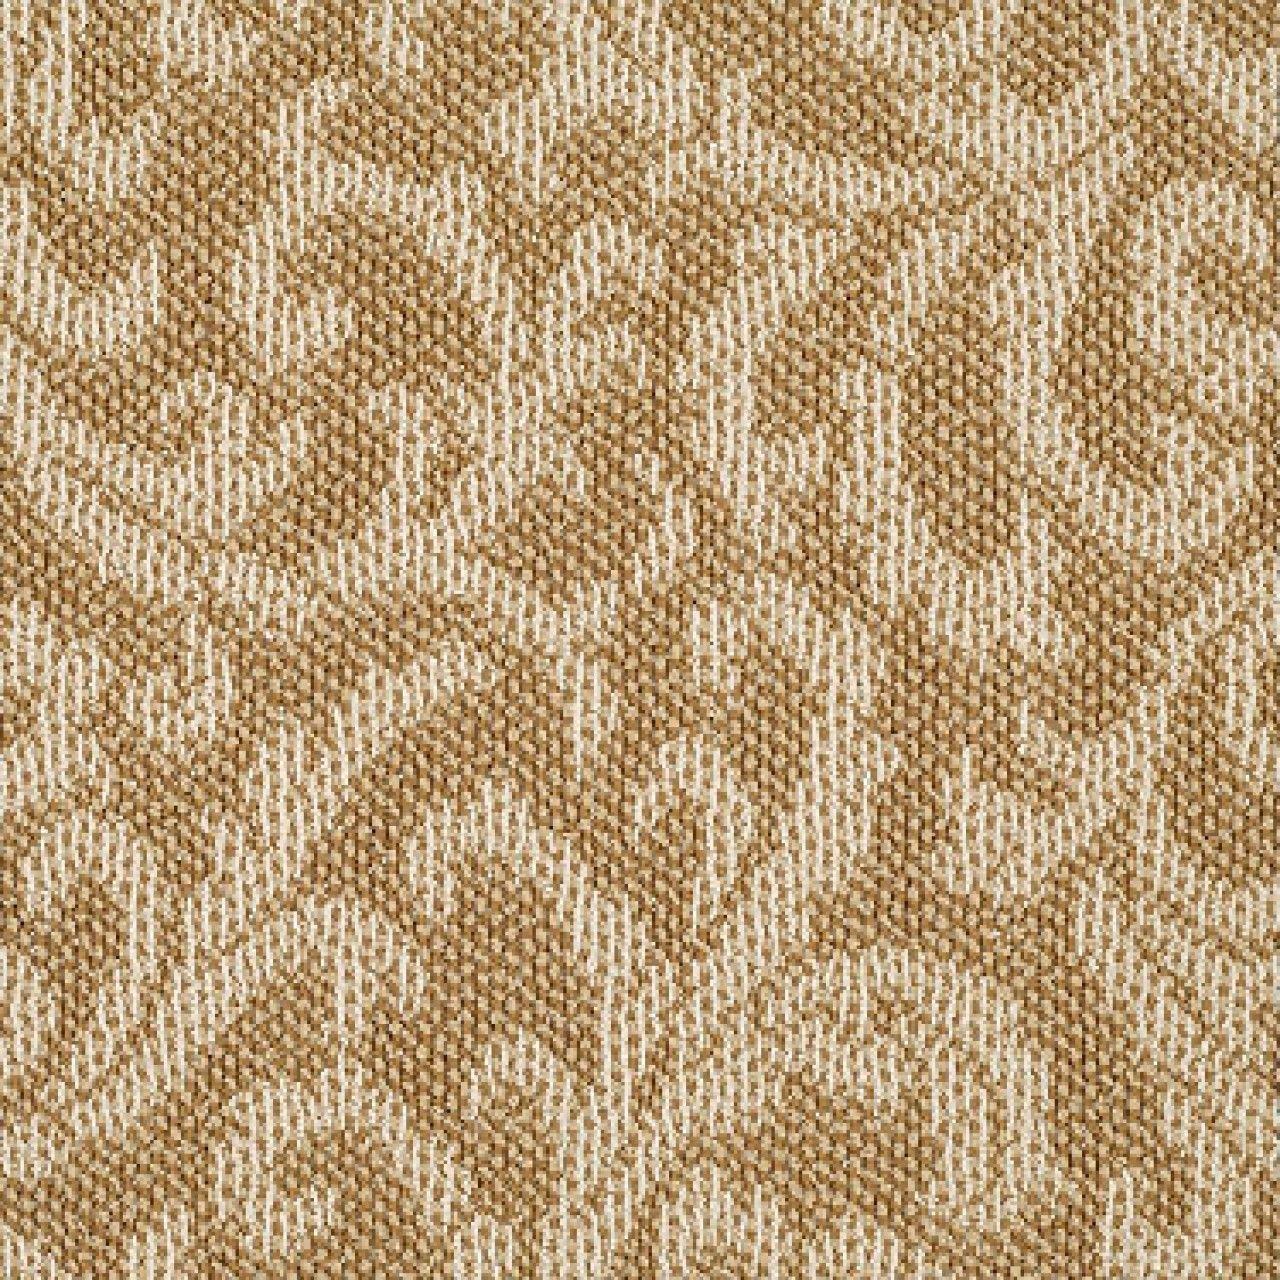 Cortino Shaw Tuftex Carpet Tuftex Carpet By Shaw